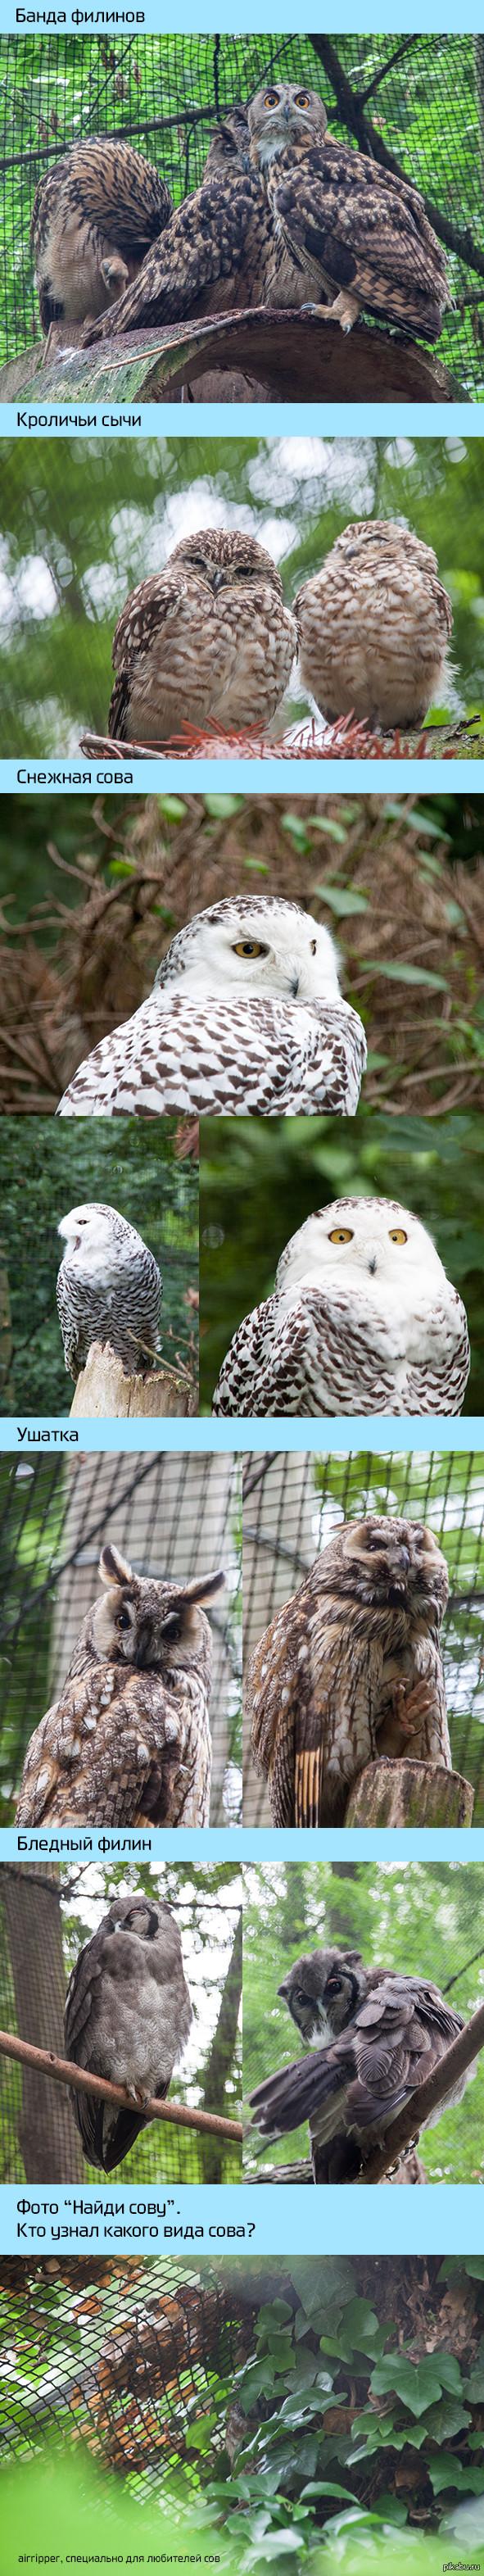 Снова совы Воскресные фото из зоопарка в польском городе Ополе.